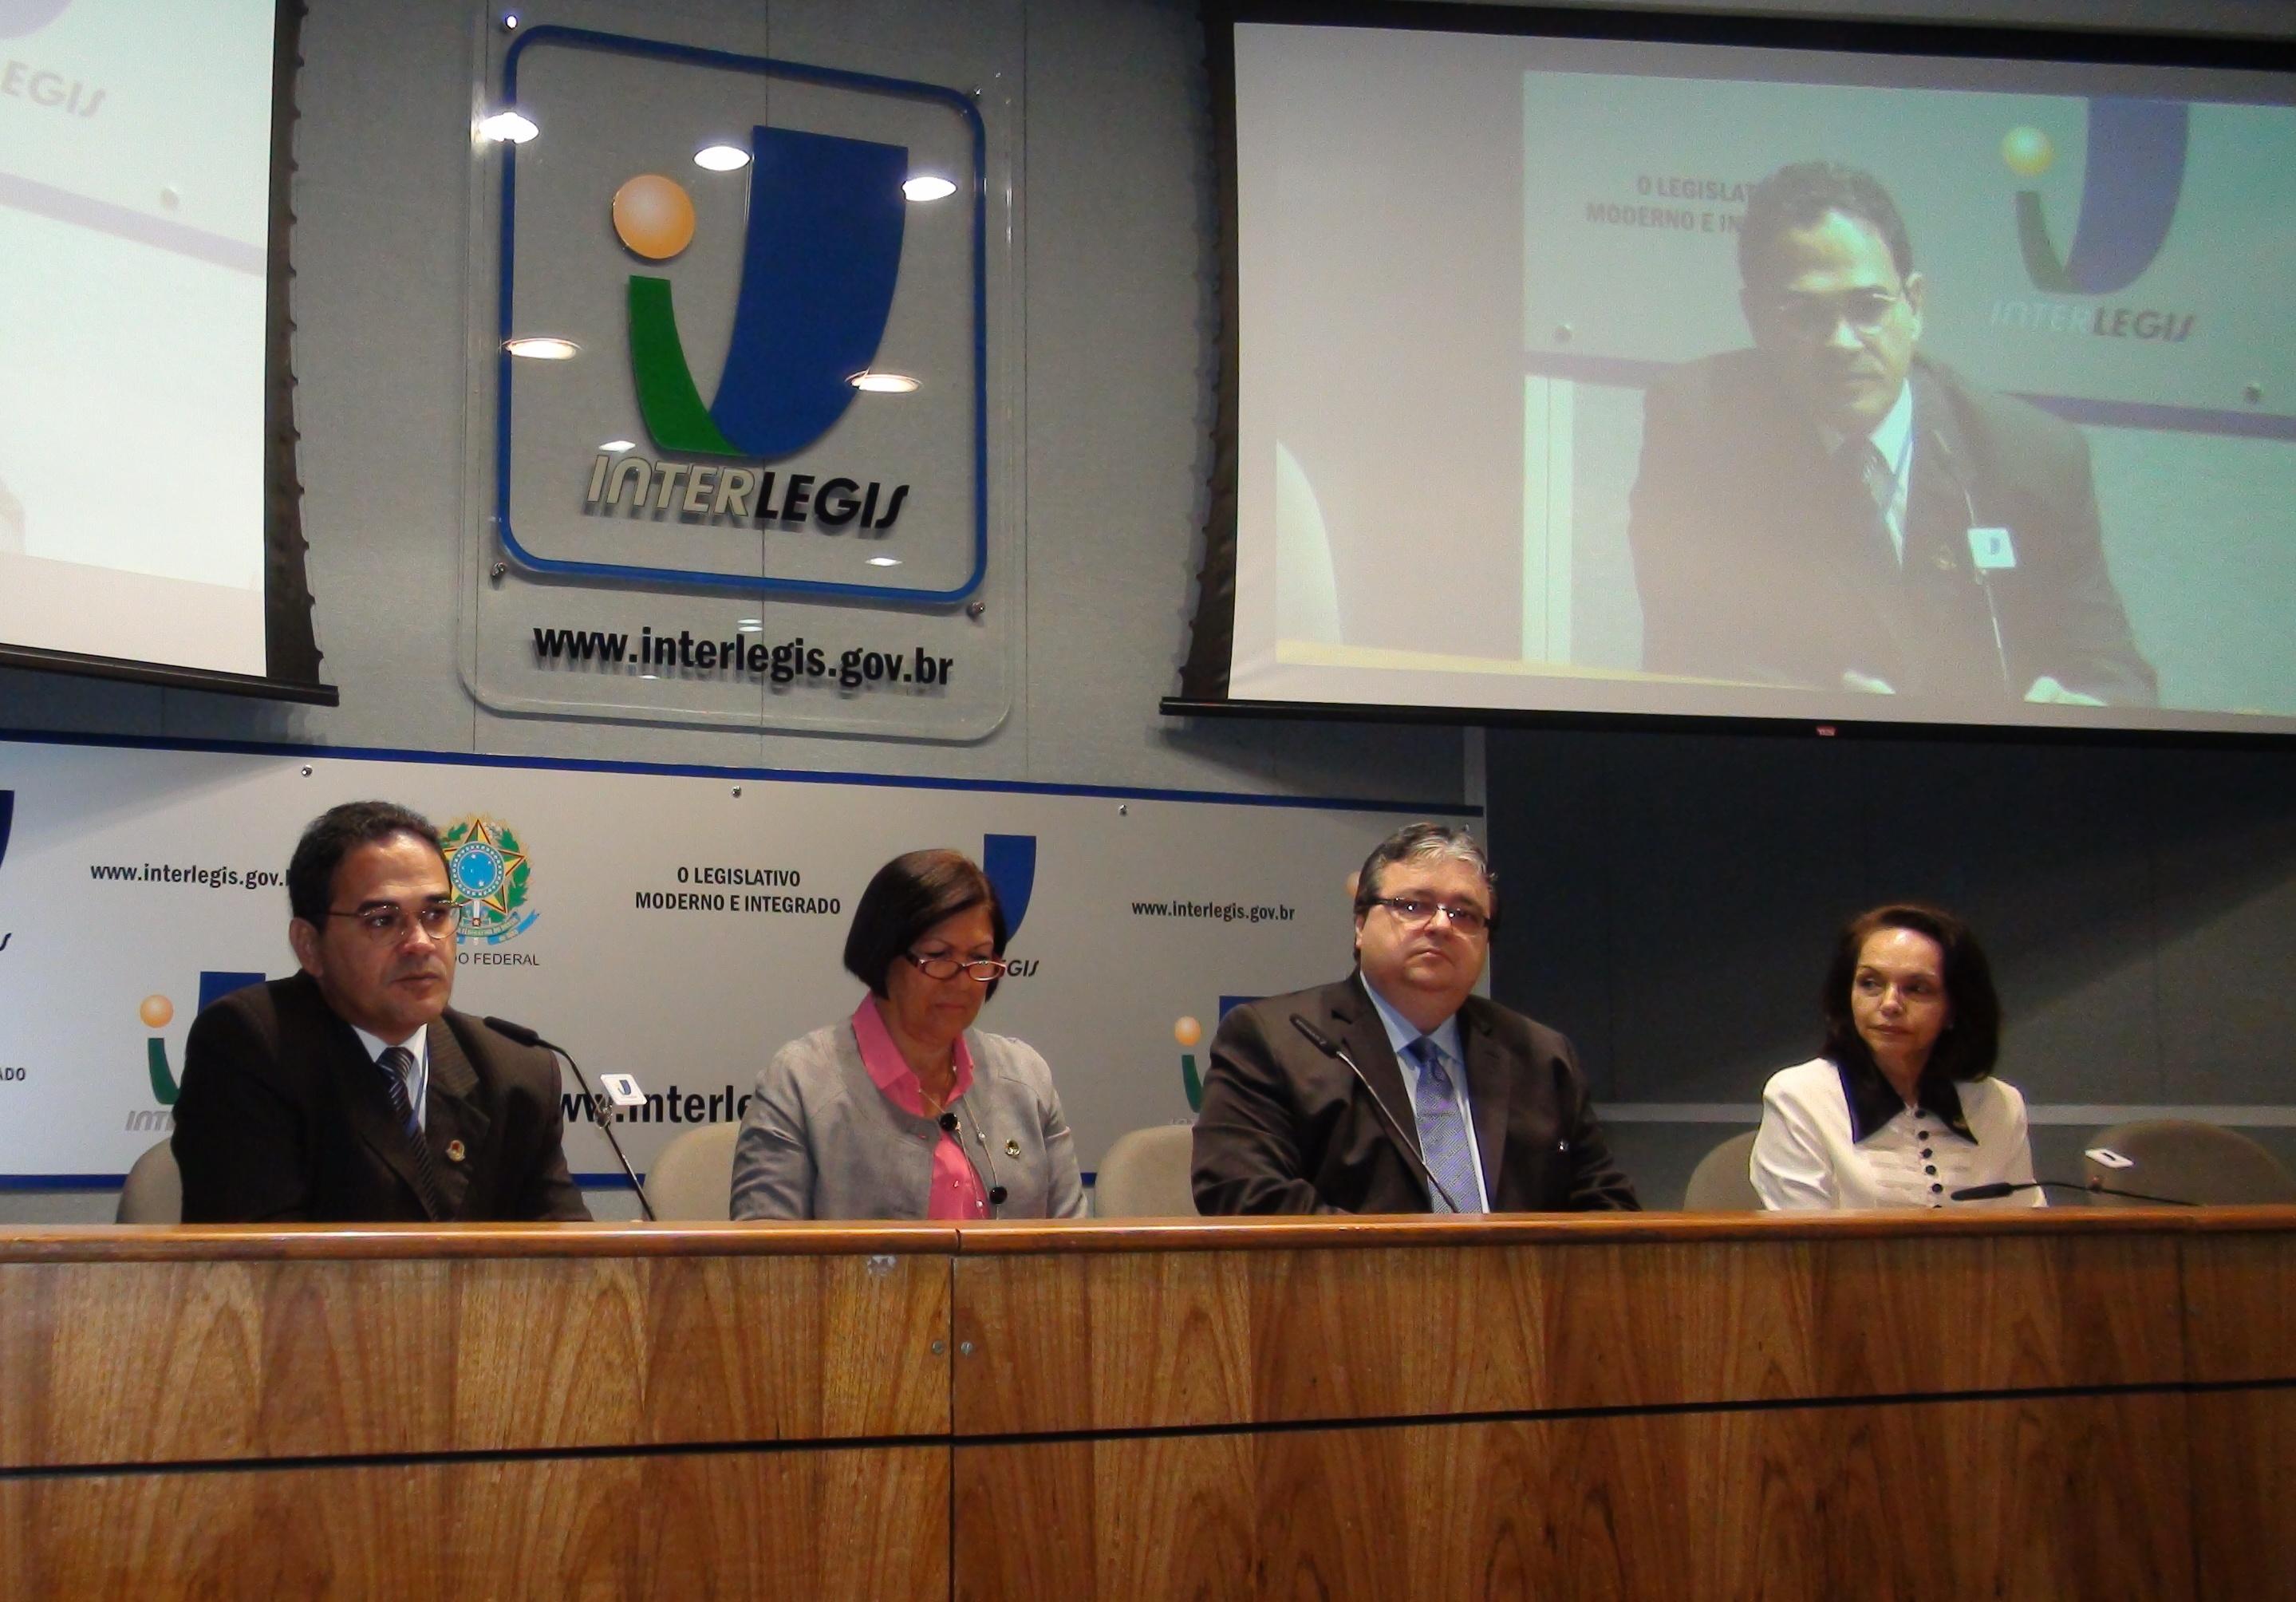 INTEGRAÇÃO – Diretores-Gerais discutem fortalecimento das Casas Legislativas. Secretários-gerais avançam no modelo de cooperação